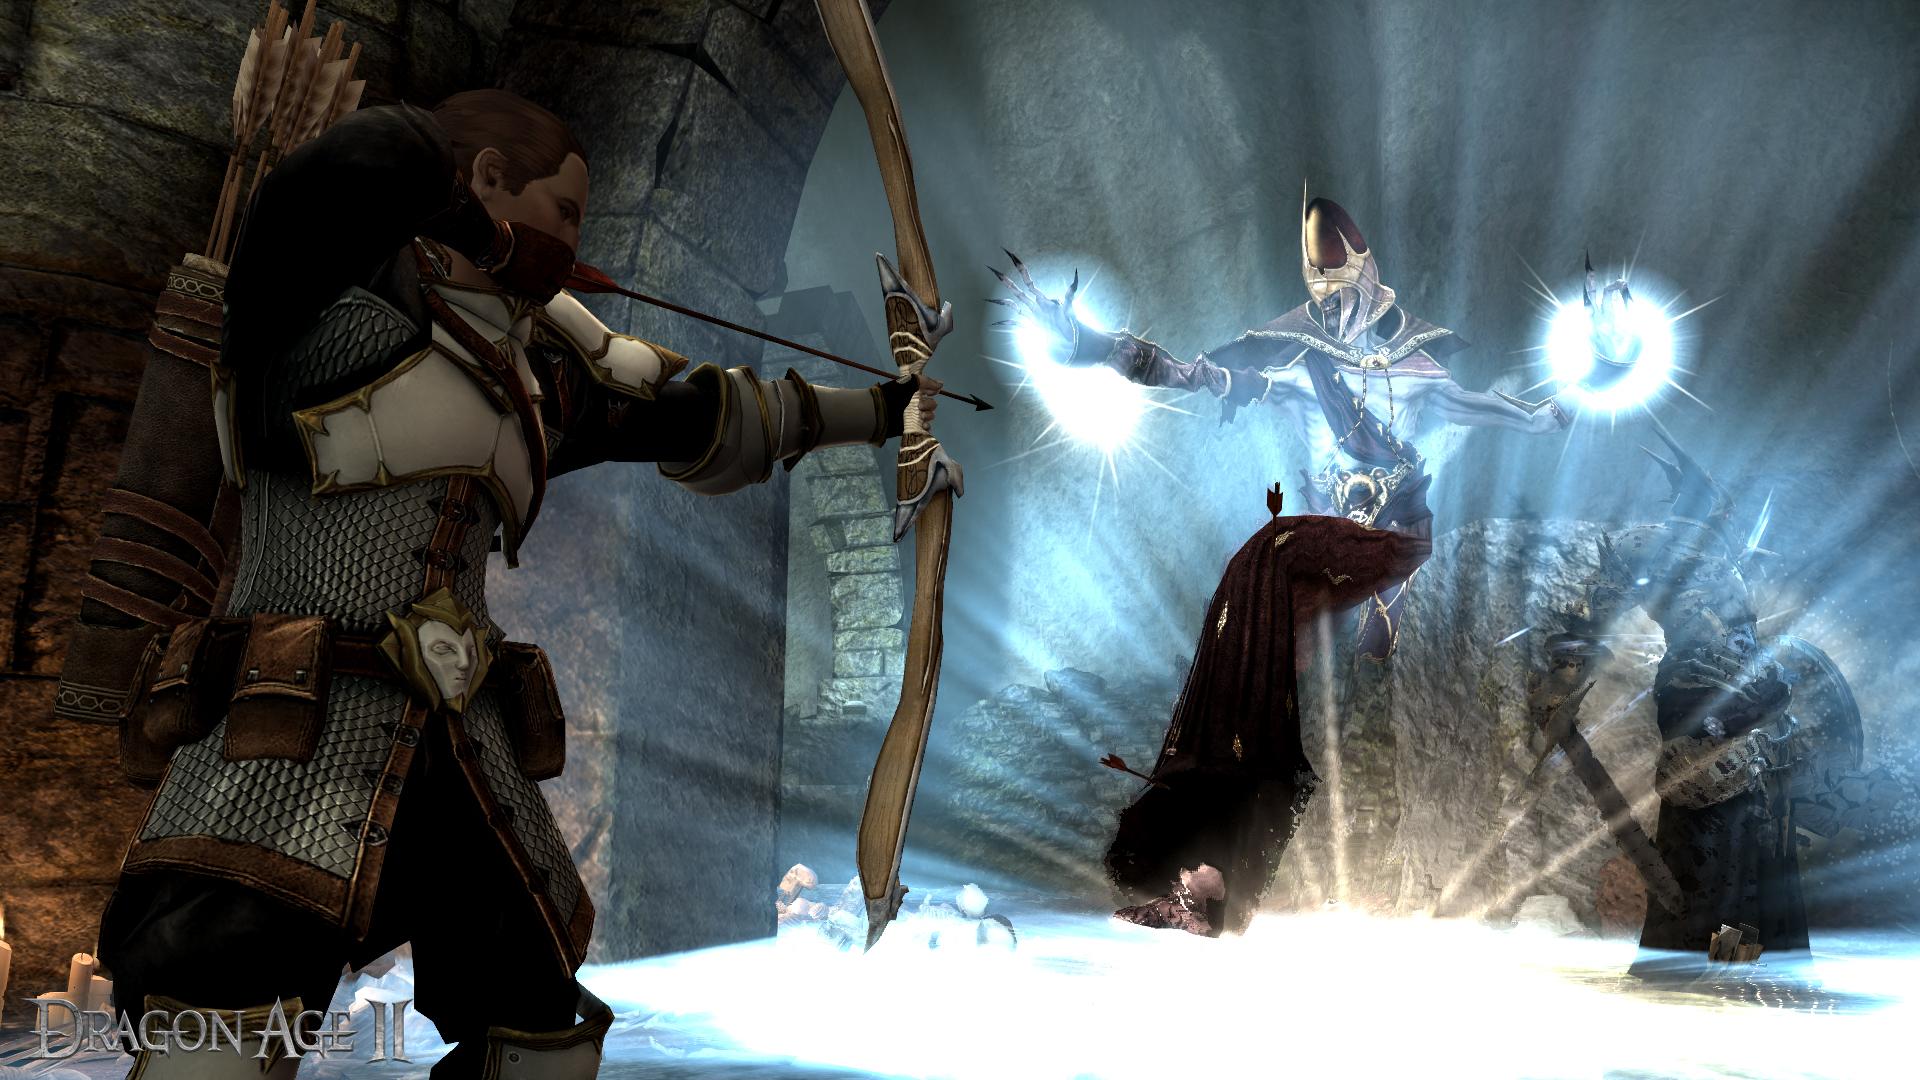 Как активировать ключ Dragon Age 2?